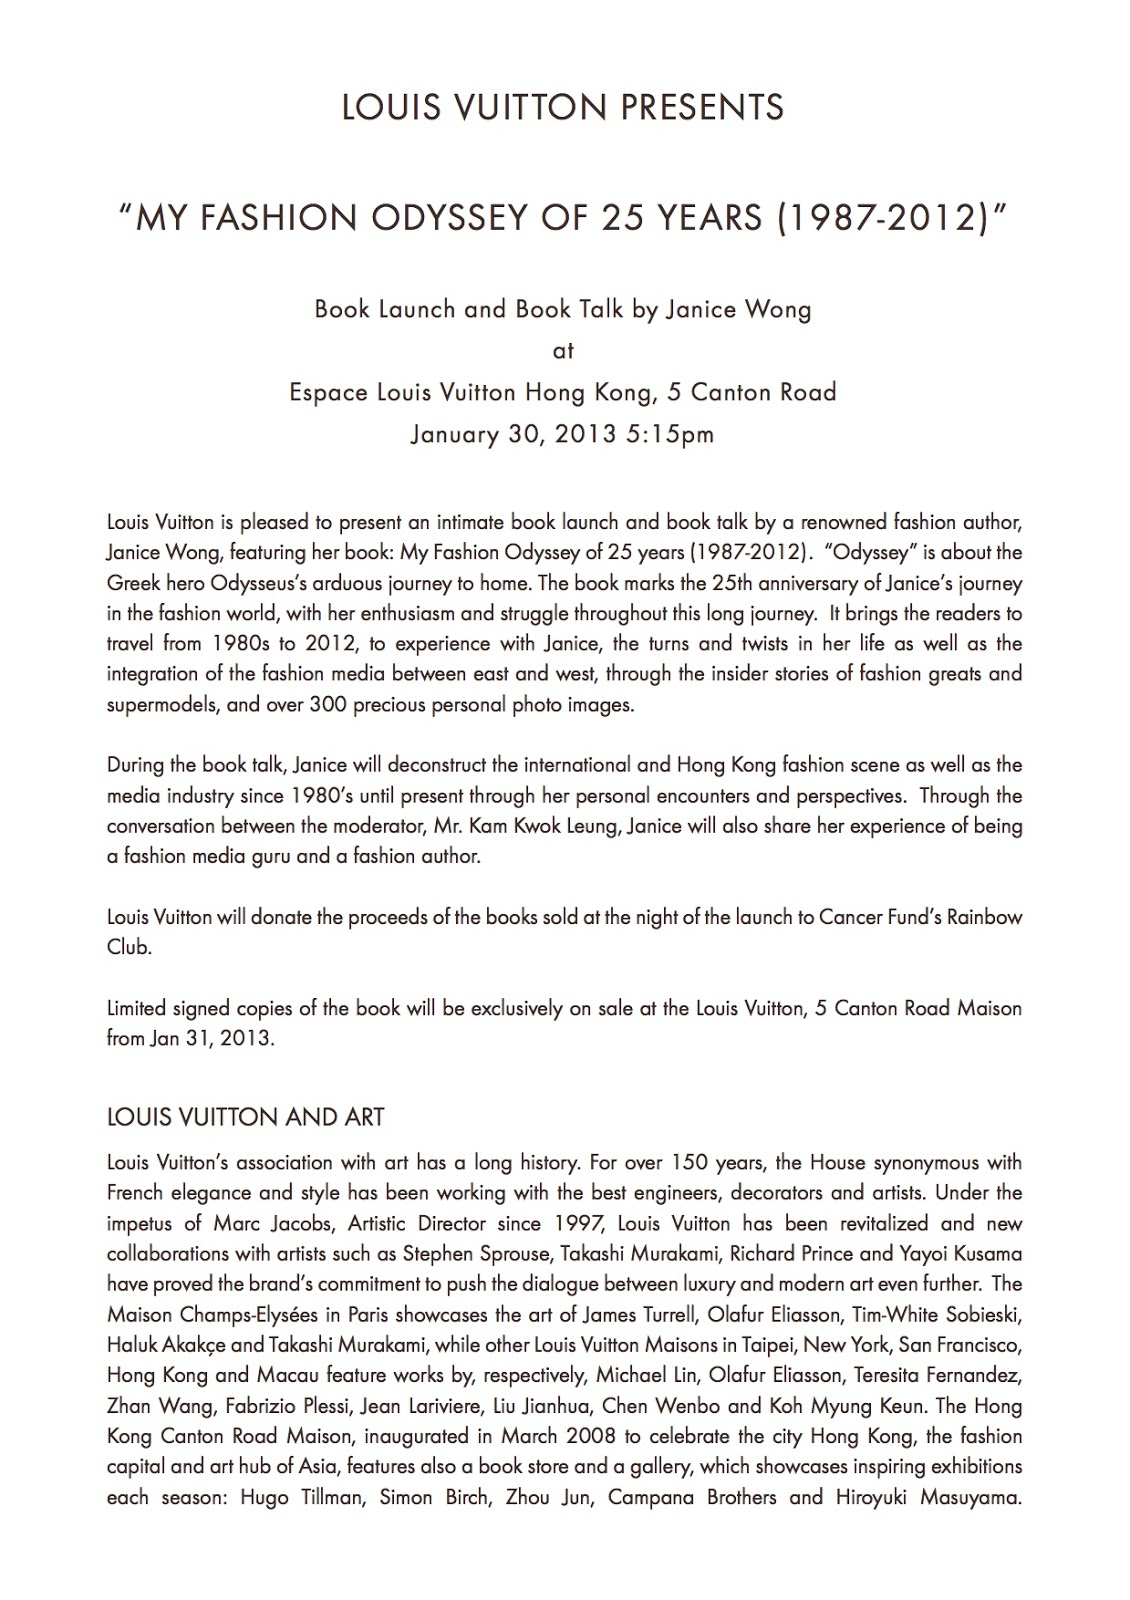 Janice Wong: My Book (2013)